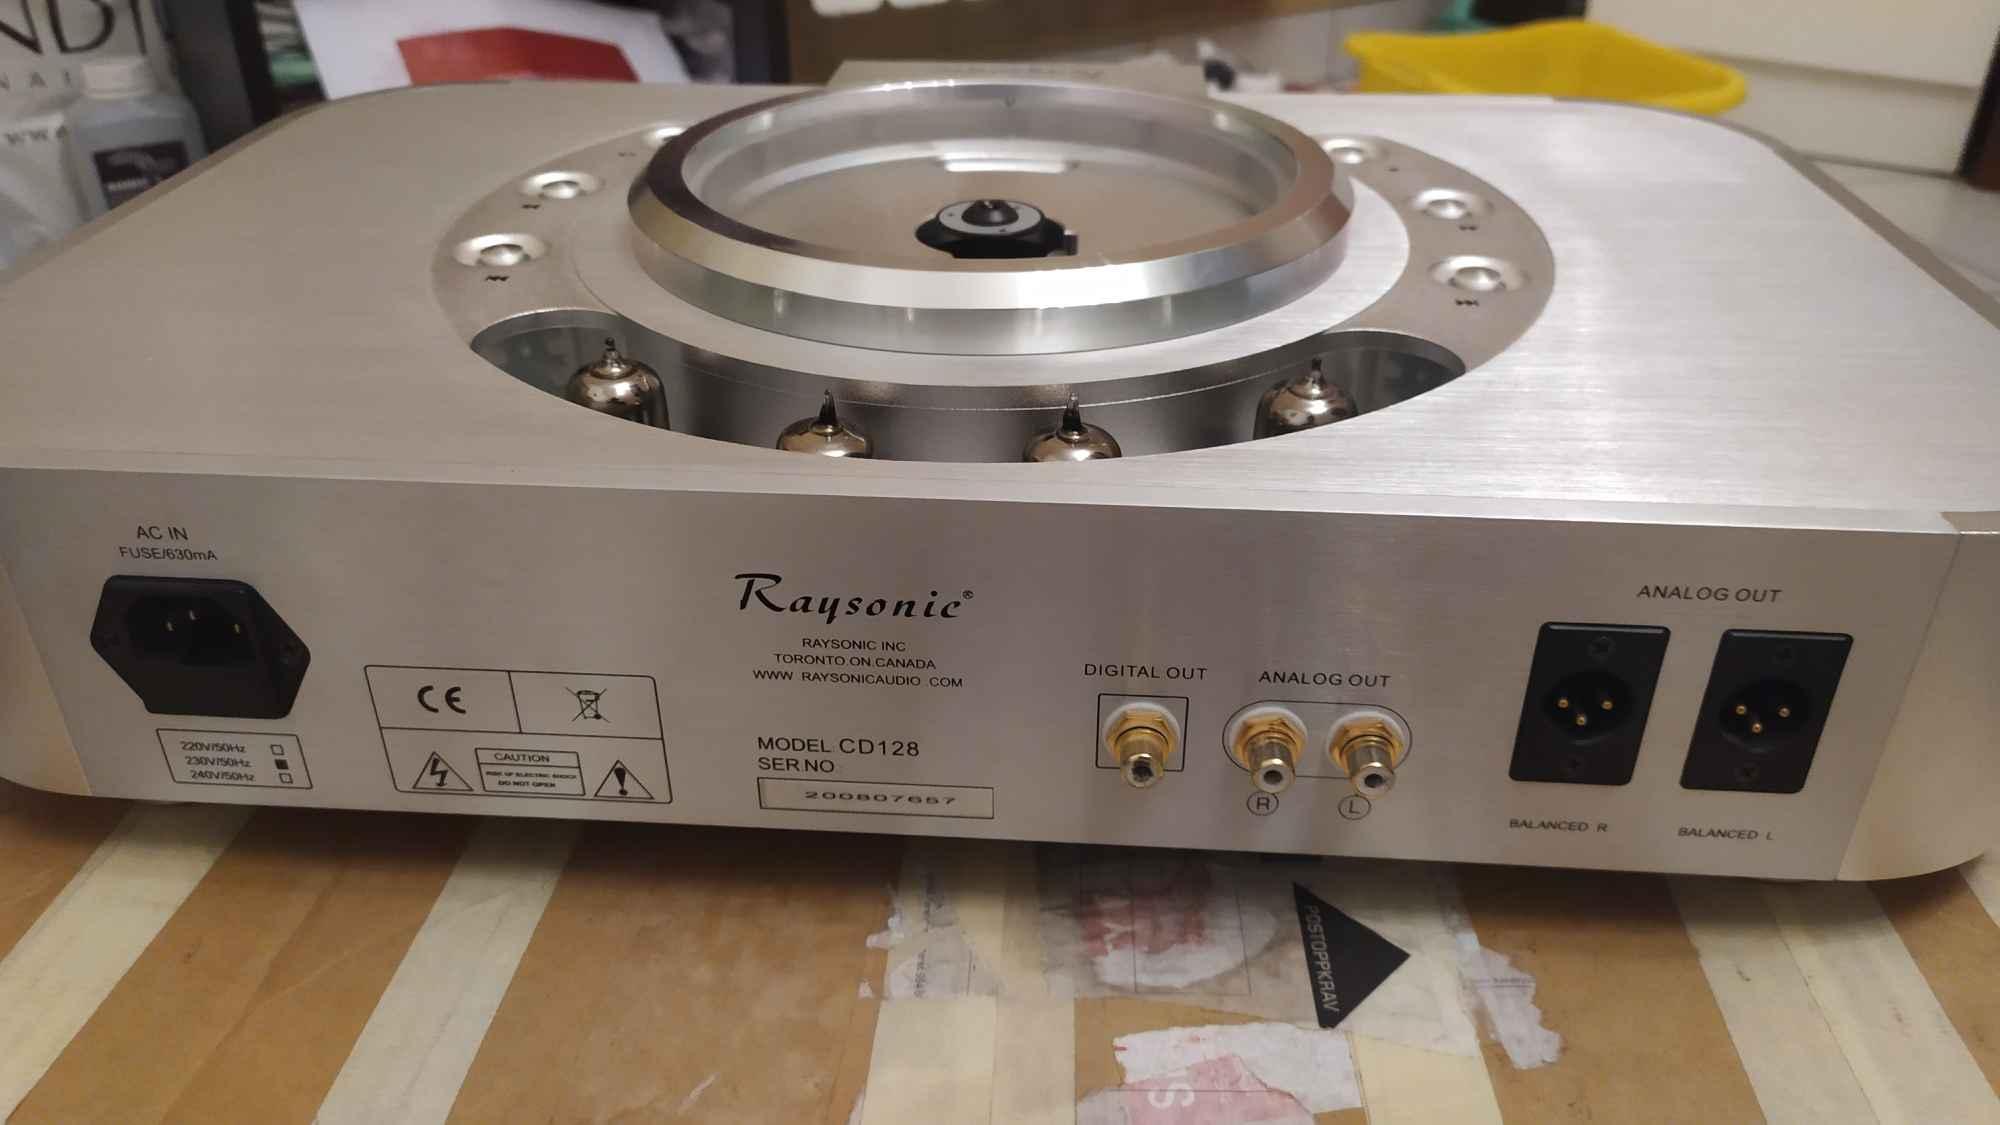 Raysonic cd128. Absolutny rarytas na rynku wtórnym. Lampowy. Kazimierza Wielka - zdjęcie 11